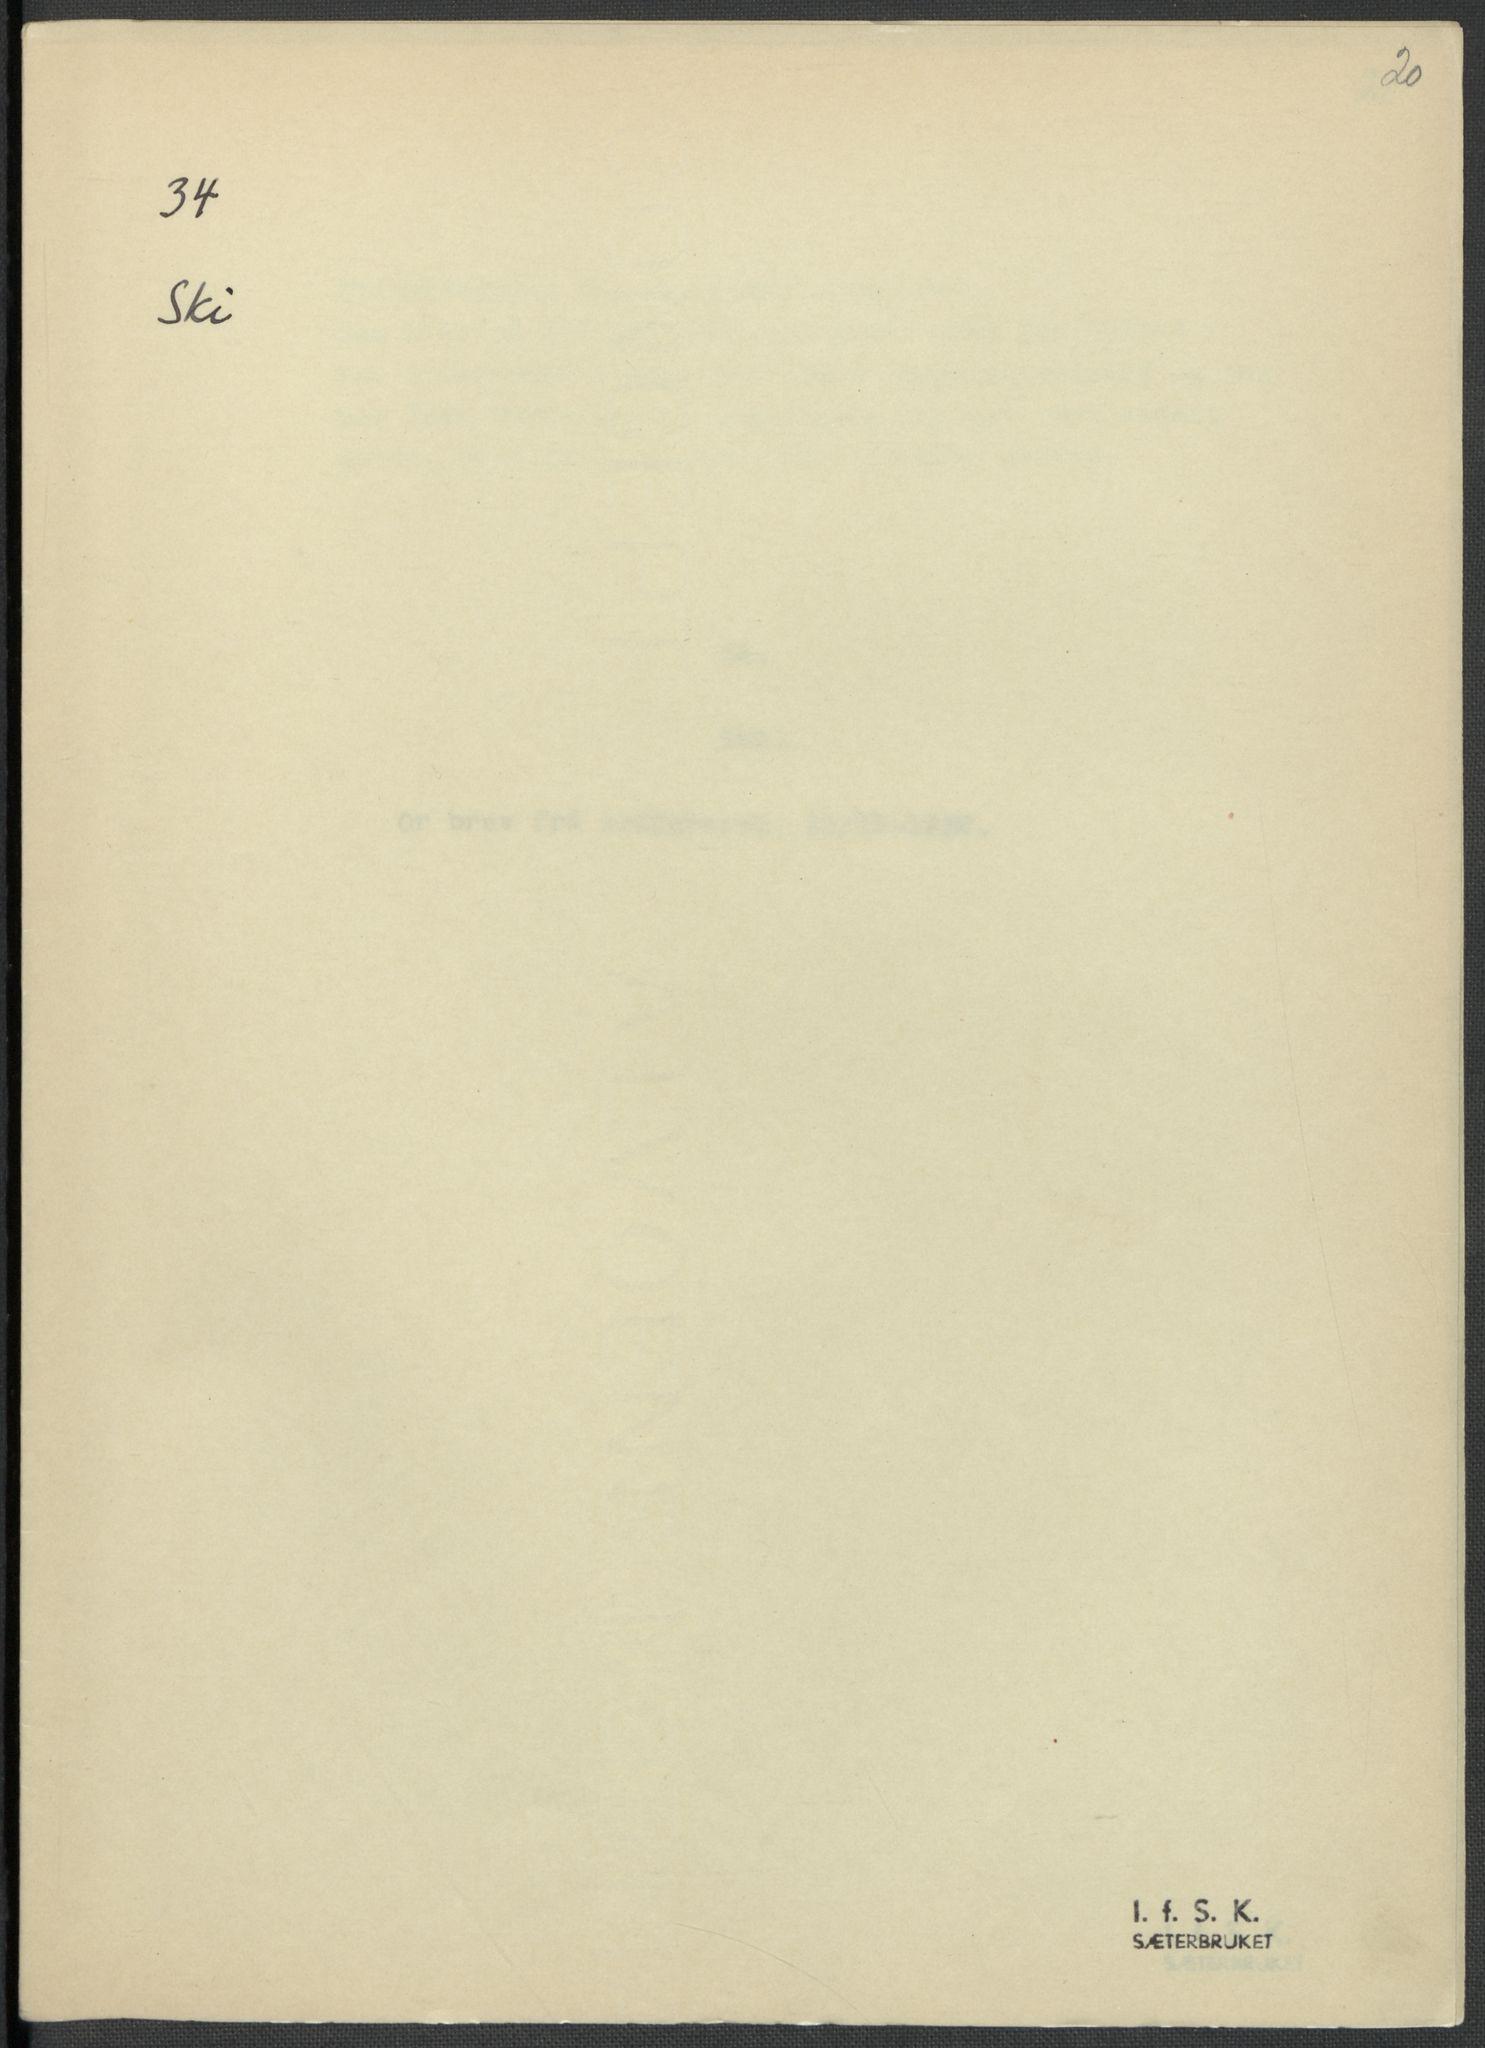 RA, Instituttet for sammenlignende kulturforskning, F/Fc/L0002: Eske B2:, 1932-1936, s. 20